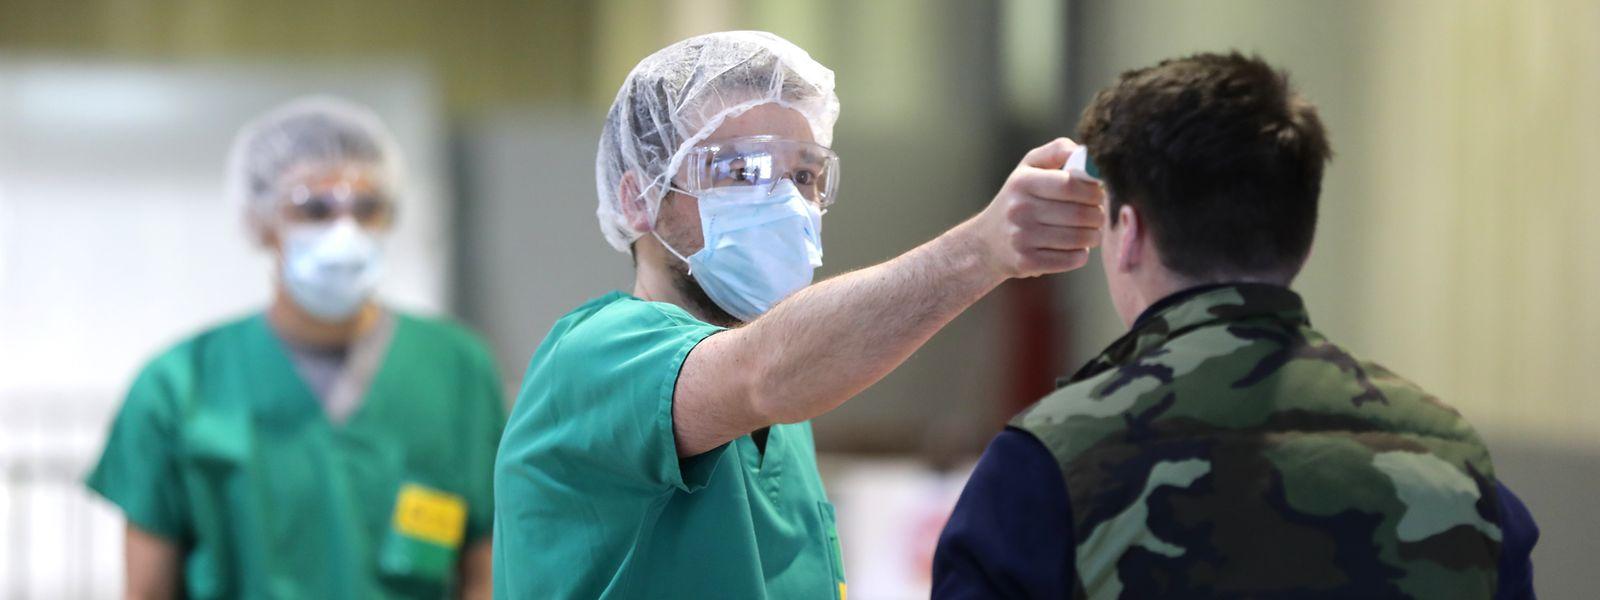 Parmi les 30 pétitions étudiées ce mercredi, huit concernaient la crise du coronavirus.